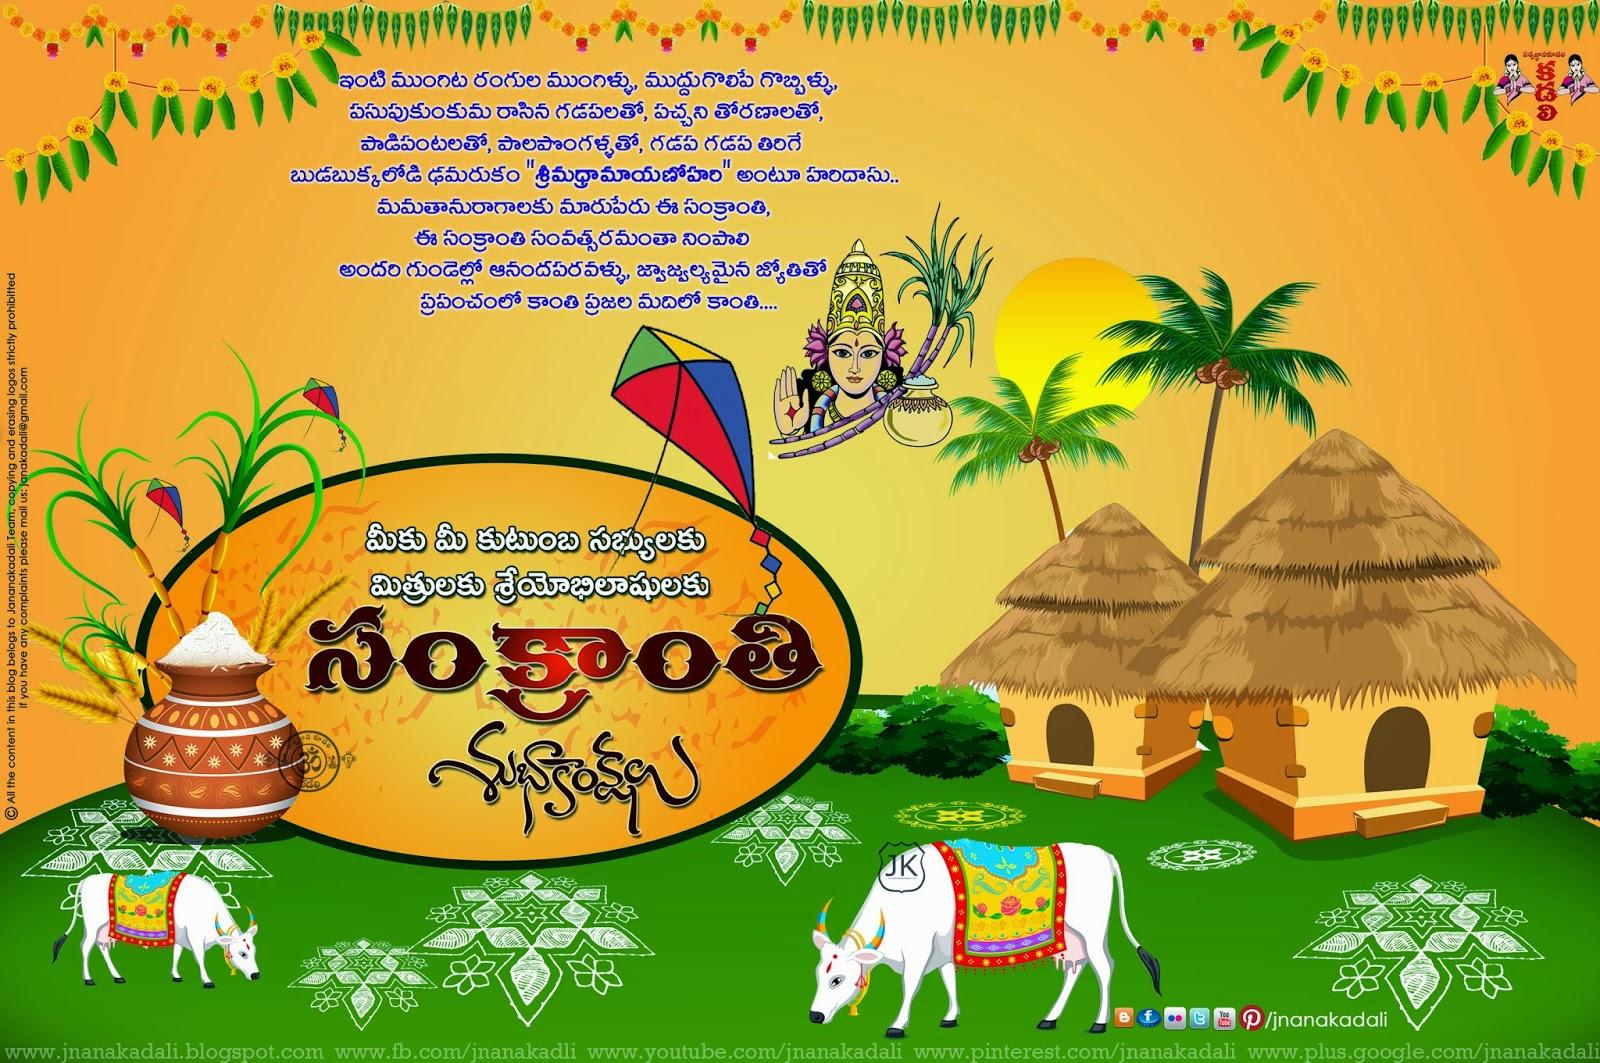 hindi essay on pongal An essay on pongal festival for kids note this essay on pongal festival could be translated in hindi, tamil, english (us, uk), sanskrit, telugu essay on makar sankranti festival in hindi.